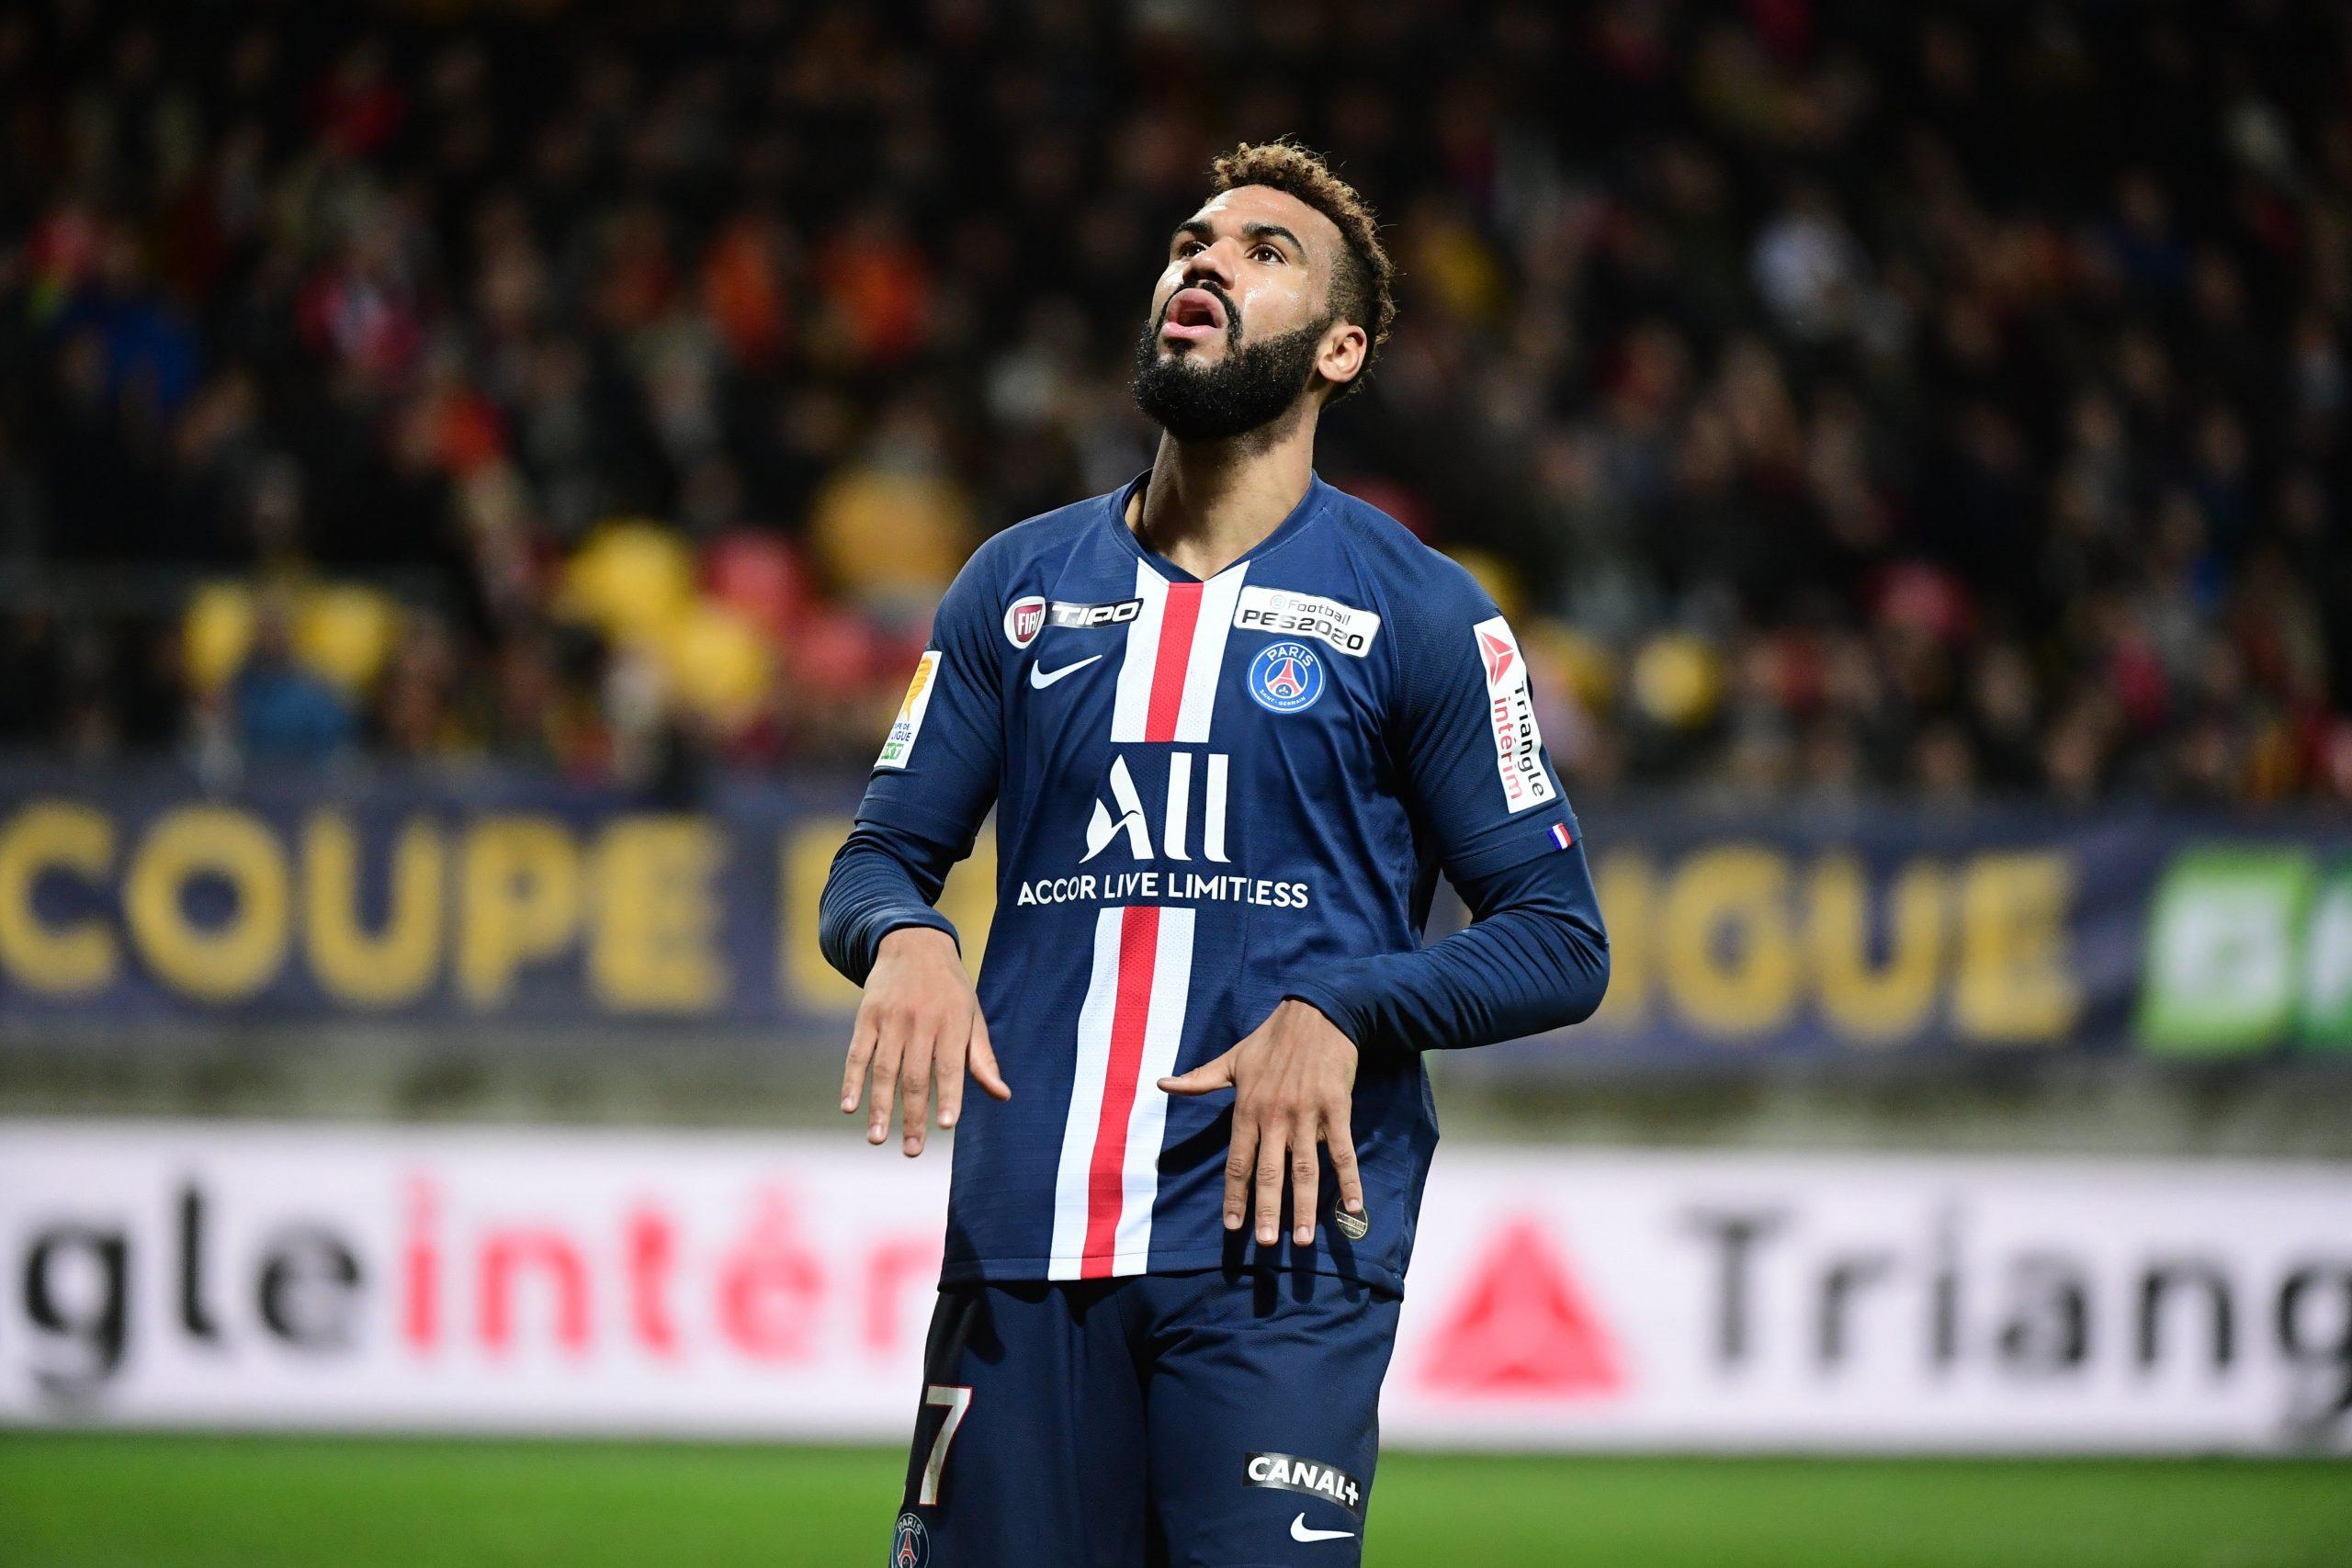 Choupo-Moting, les supporters du PSG ne veulent pas qu'il prolonge son contrat